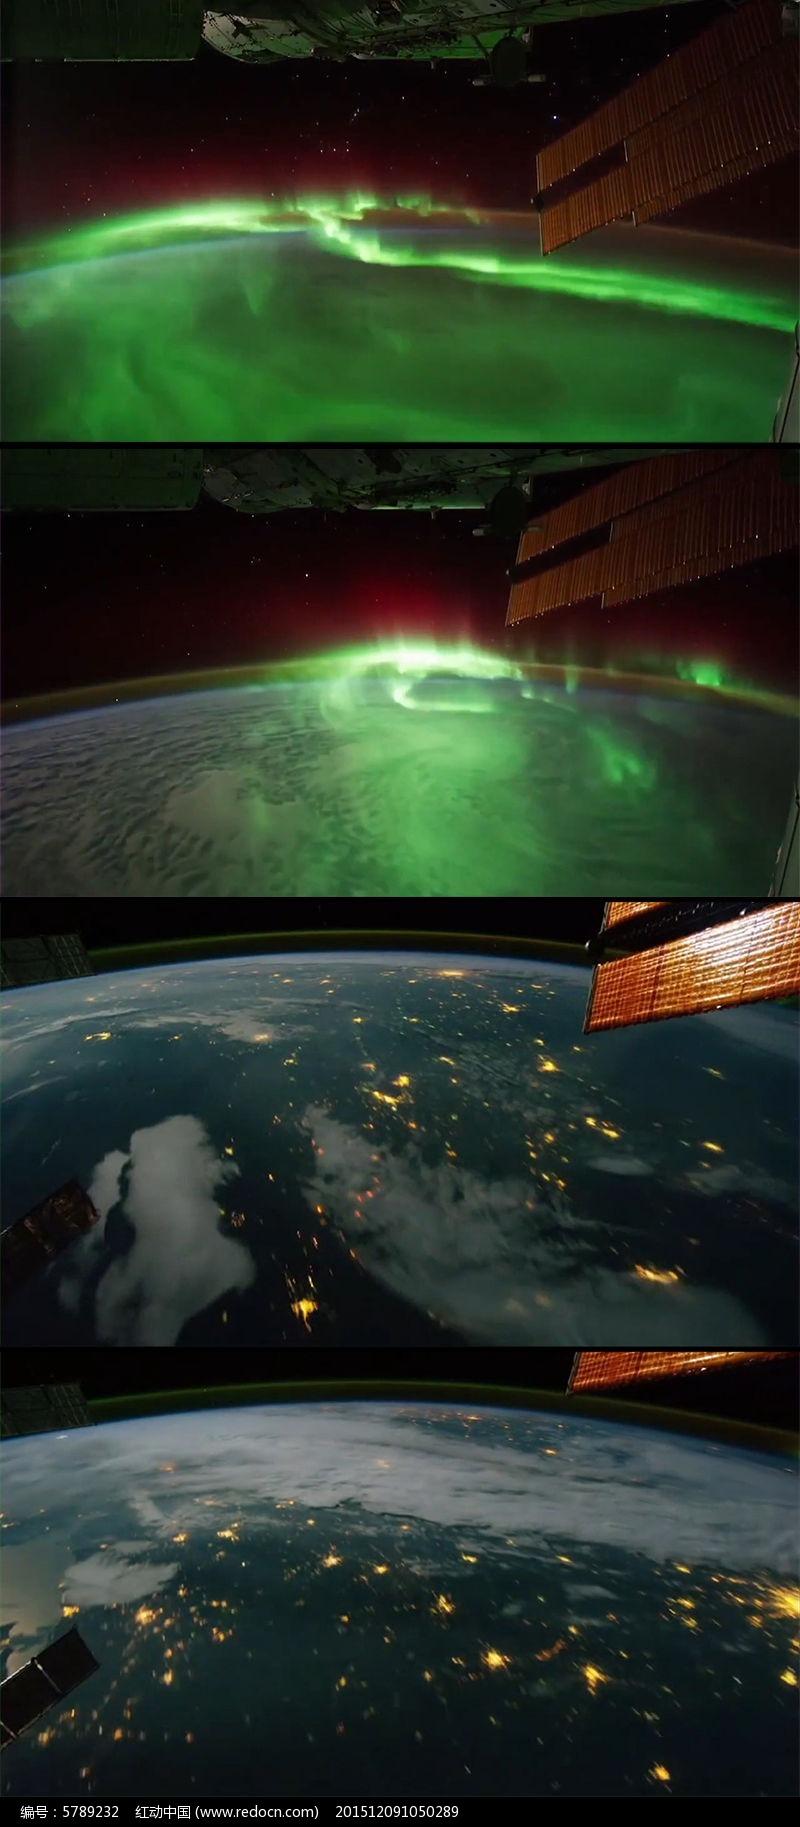 宇宙空间站观赏地球极光实拍素材